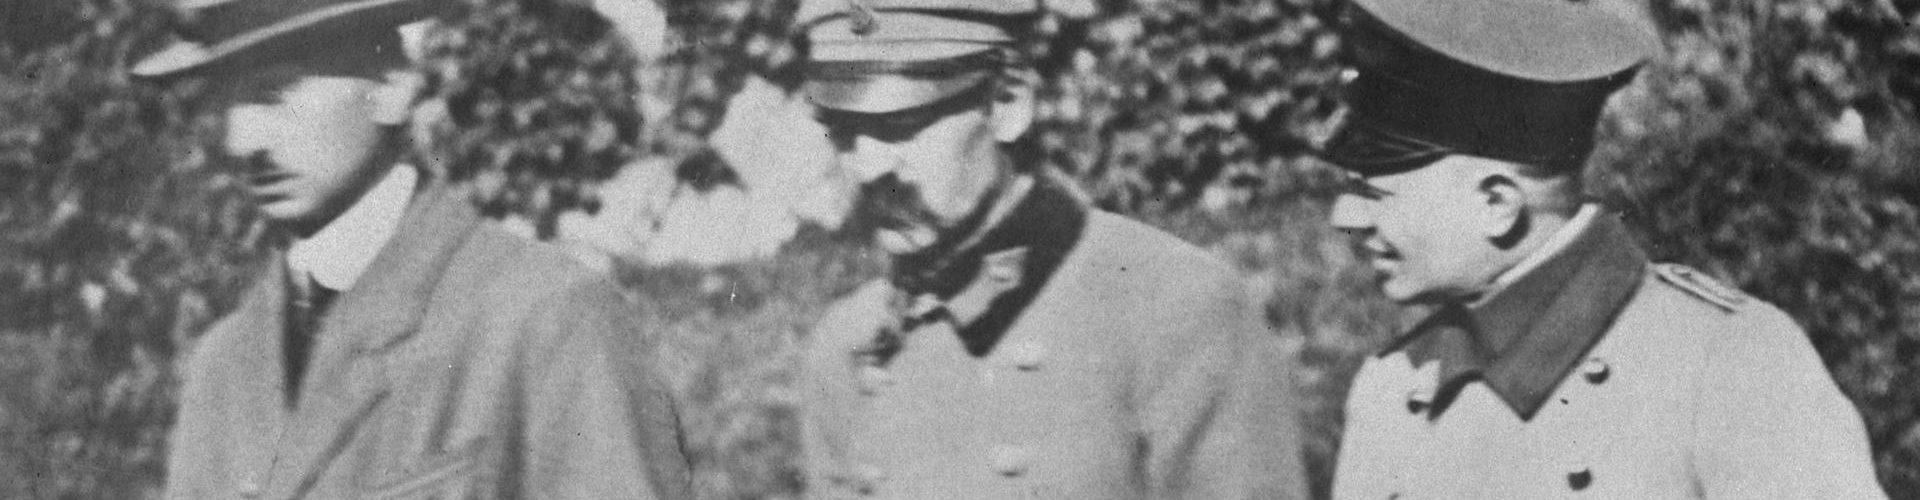 Józef Piłsudski na zdjęciu wykonanym w czasie jego internowania (domena publiczna)